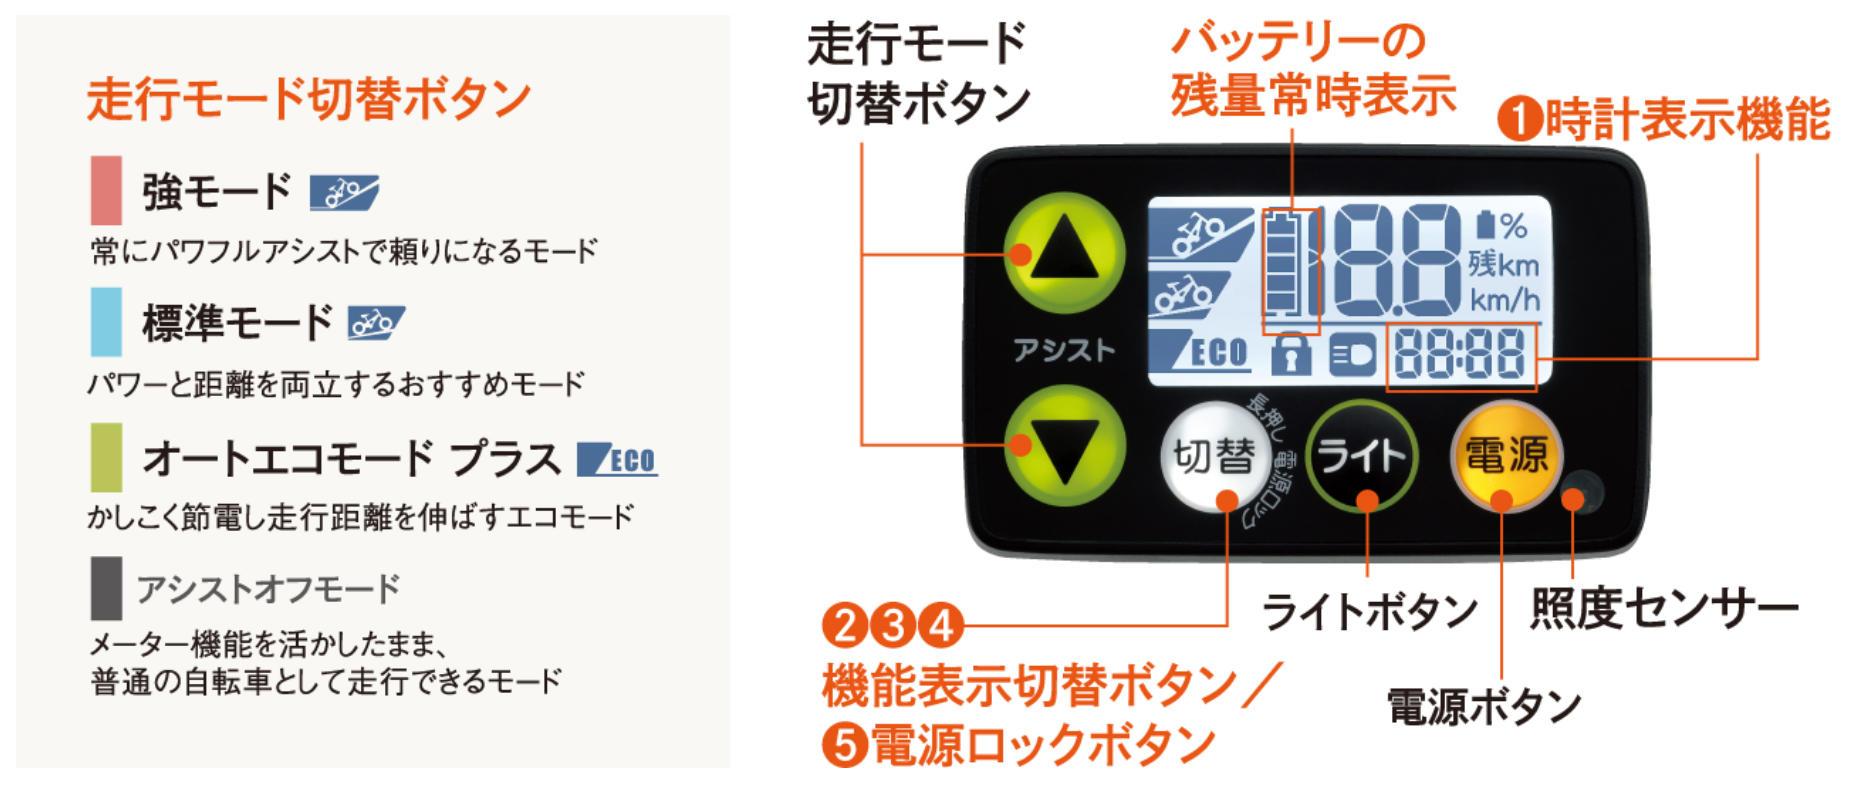 5ファンクションメーター説明.jpg